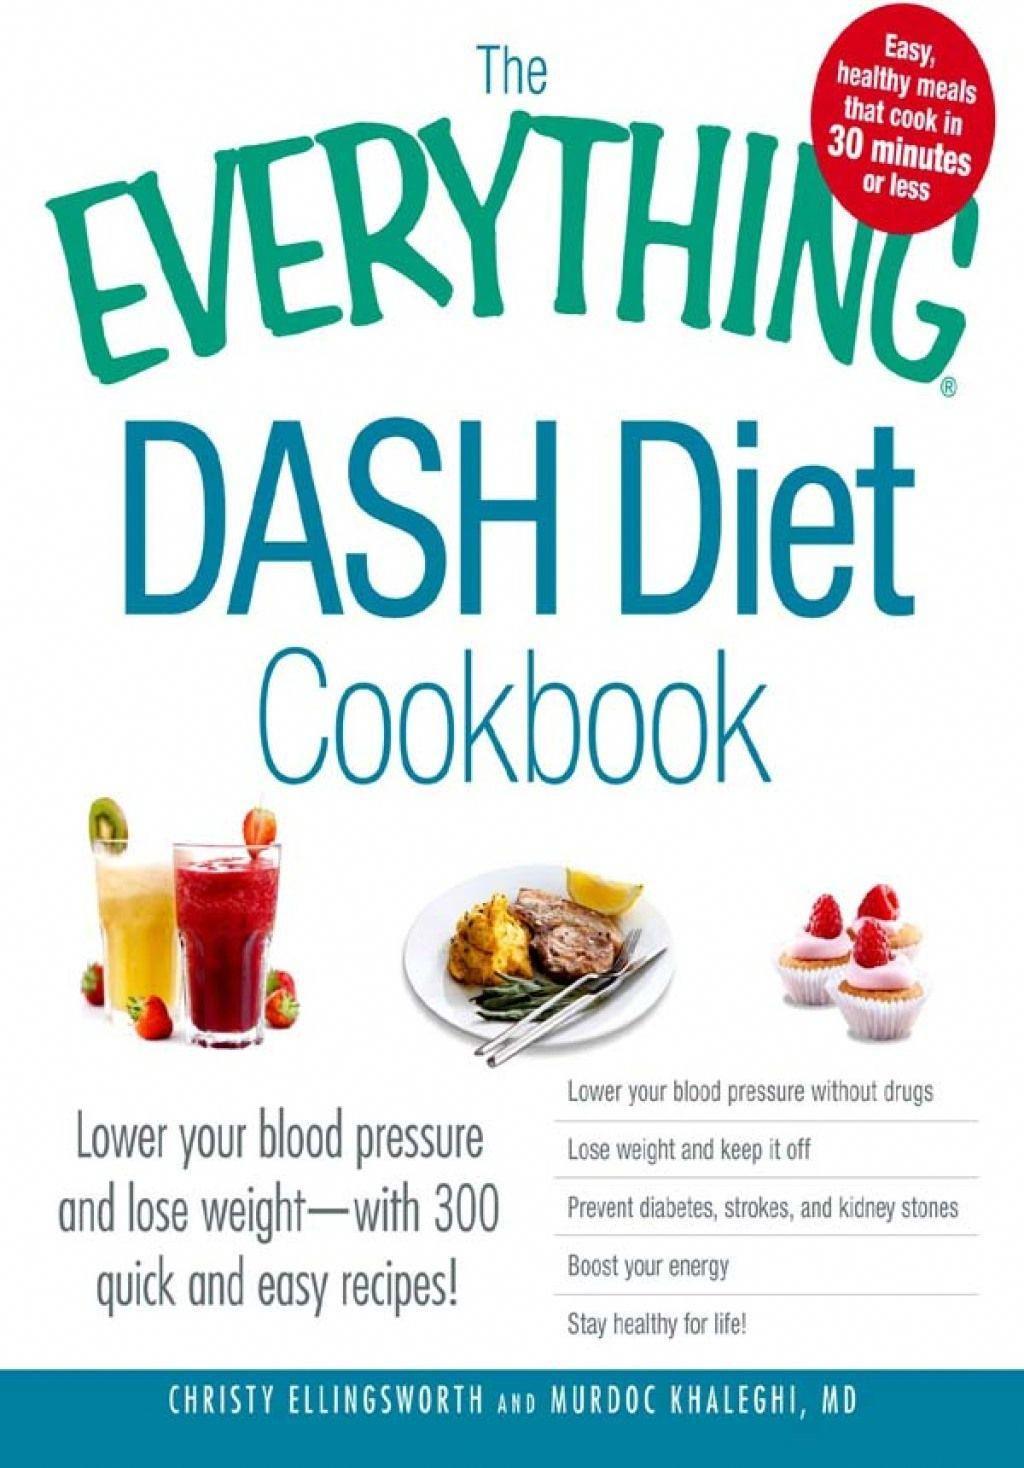 Detox Diets 3 day DetoxDiets in 2020 Dash diet, Dash